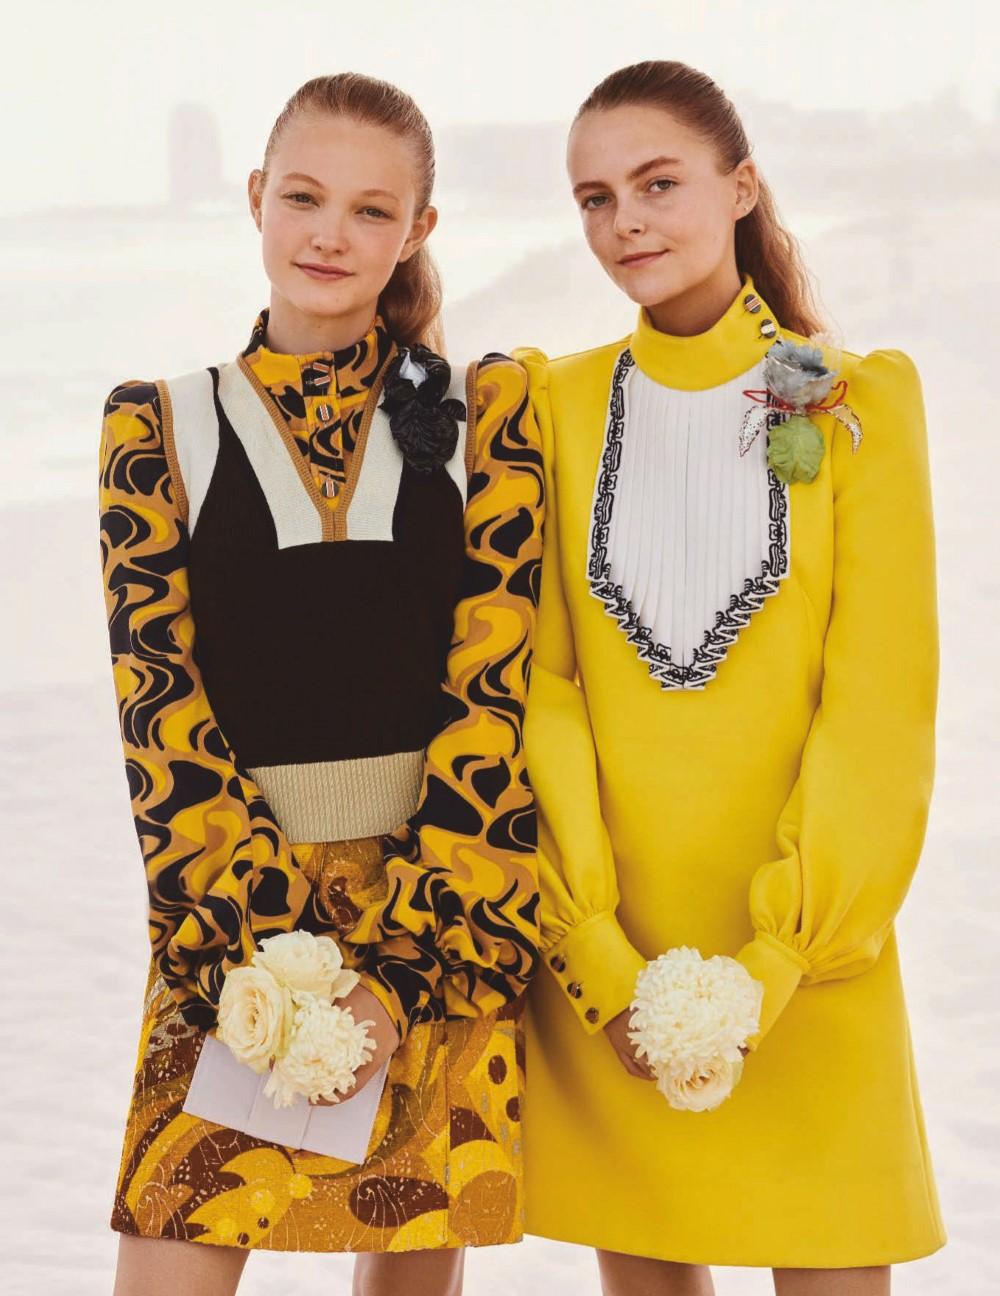 Andrés Velencoso Segura, Karolina Kurkova and others by Giampaolo Sgura for Vogue Germany June 2020